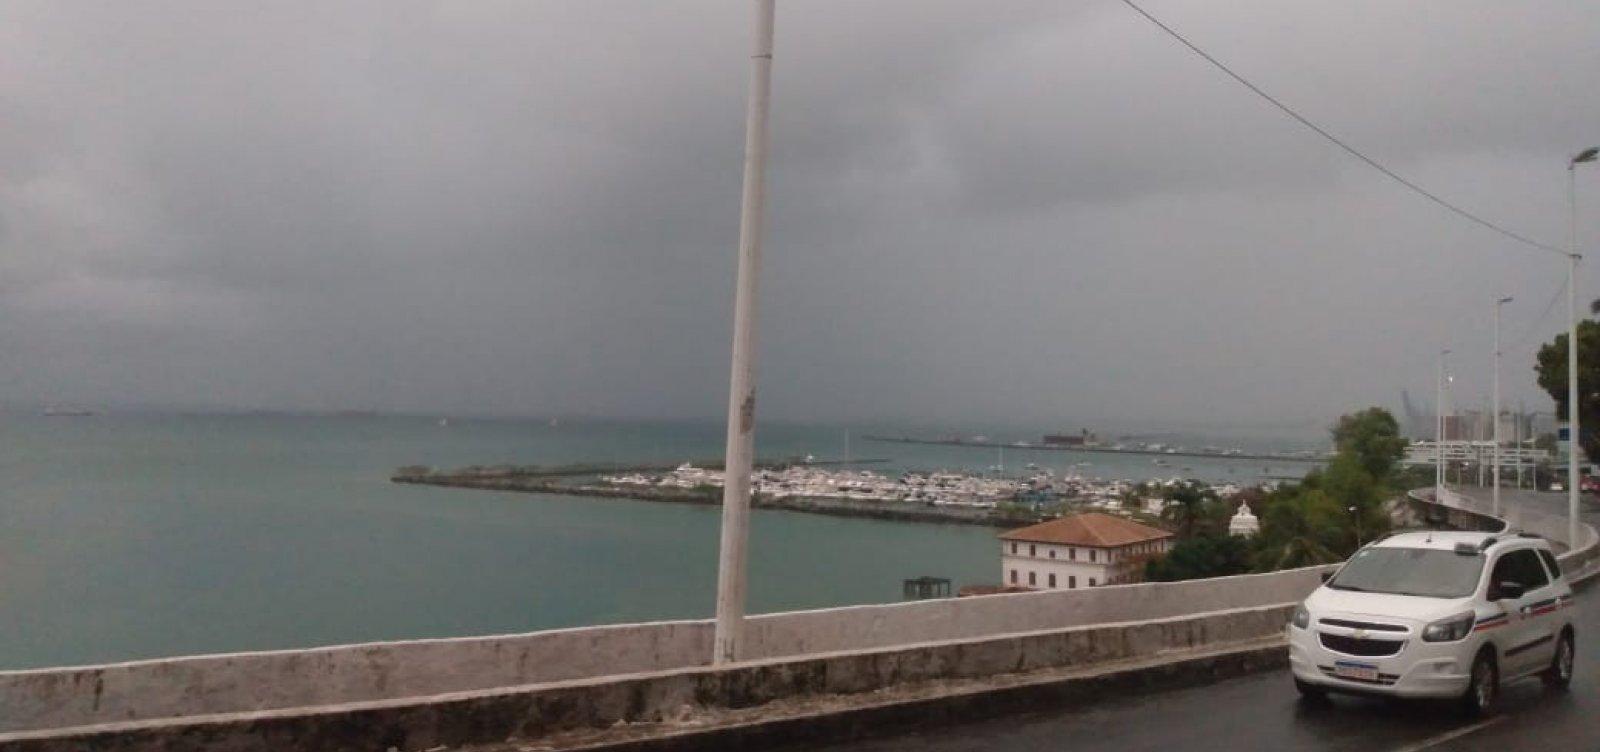 [Ainda com alerta máximo de chuvas, Codesal recebe 20 solicitações na madrugada de hoje]